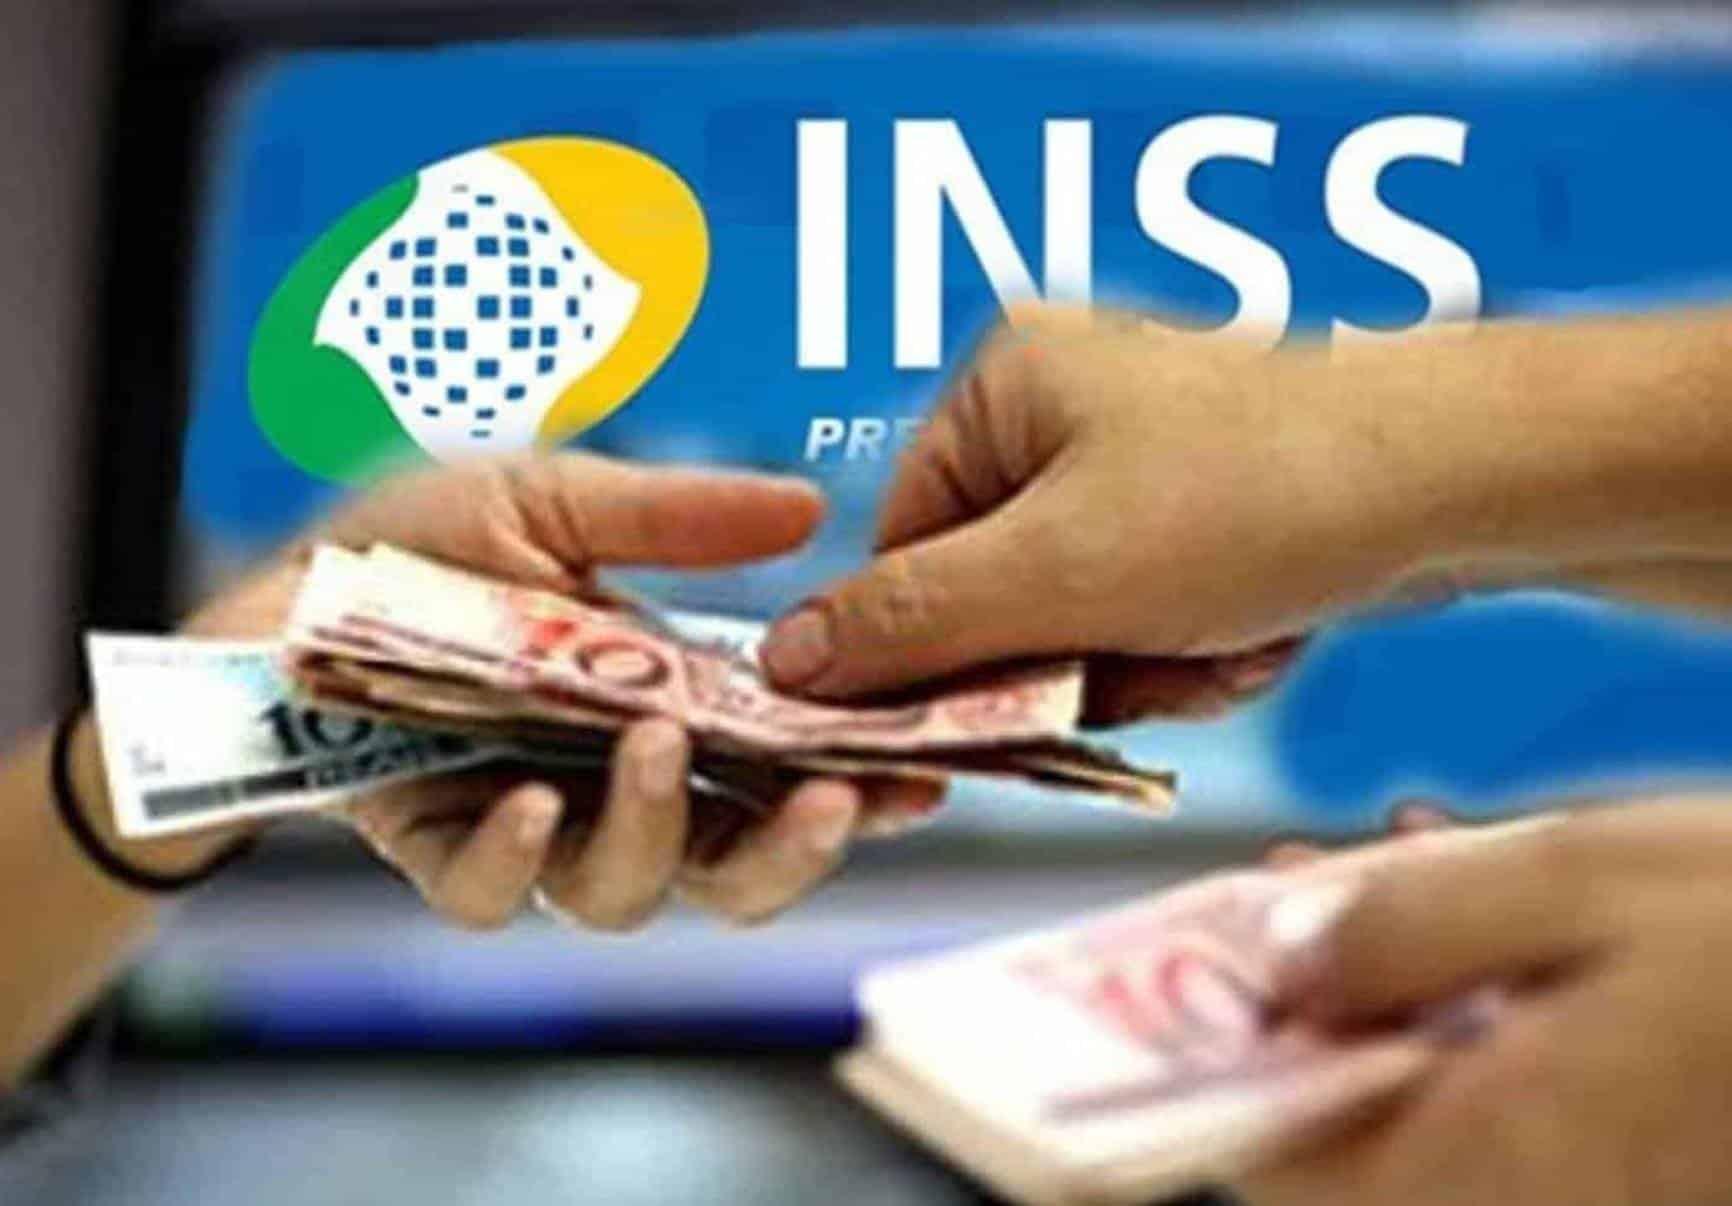 INSS e dinheiro